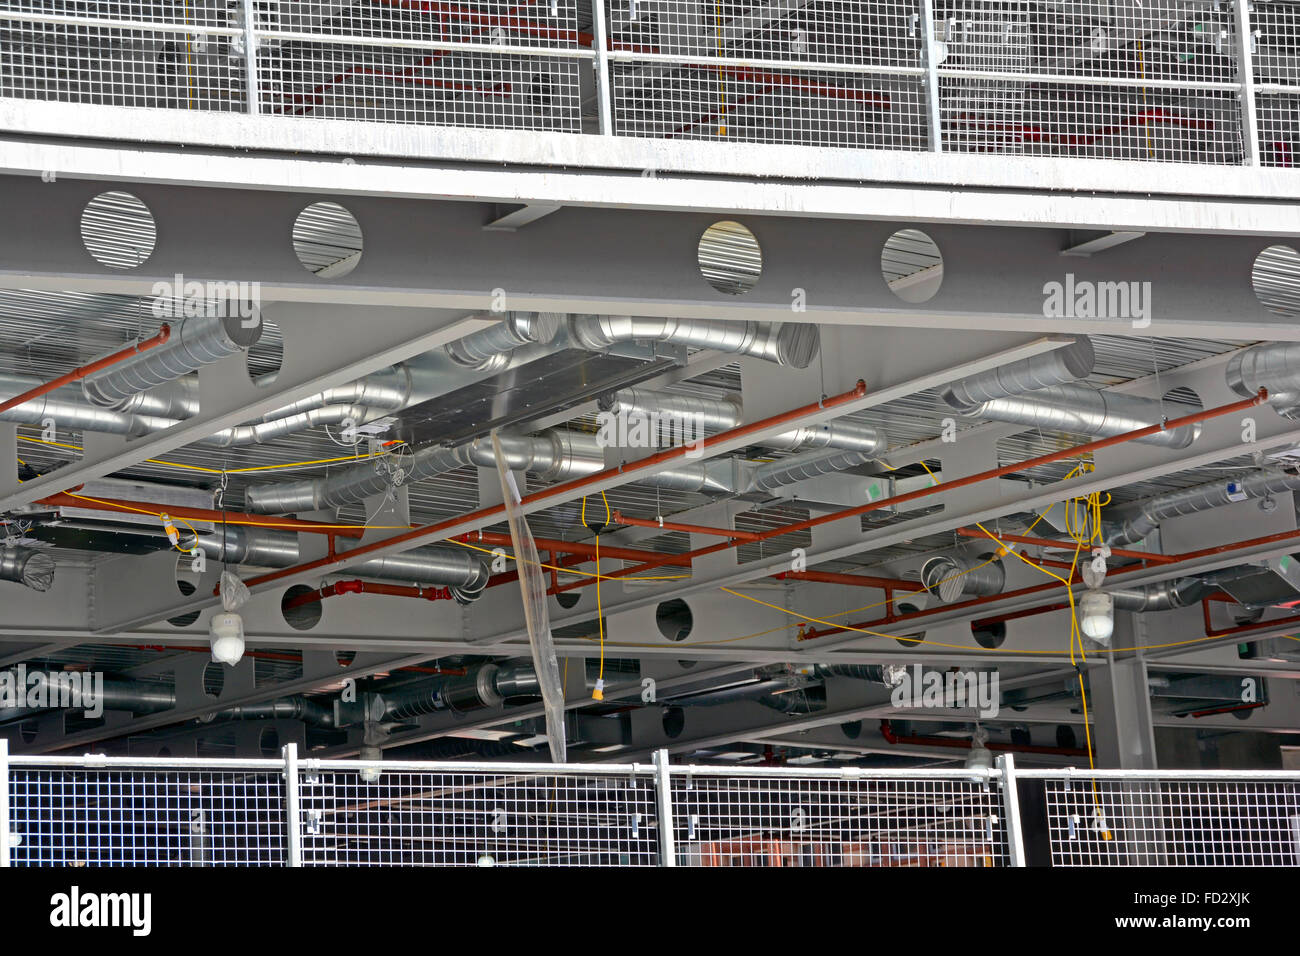 Typische Stock modernes, mehrstöckiges Büro Bau zeigt Führungsschienen, Stahlträger, Belag und Stockbild